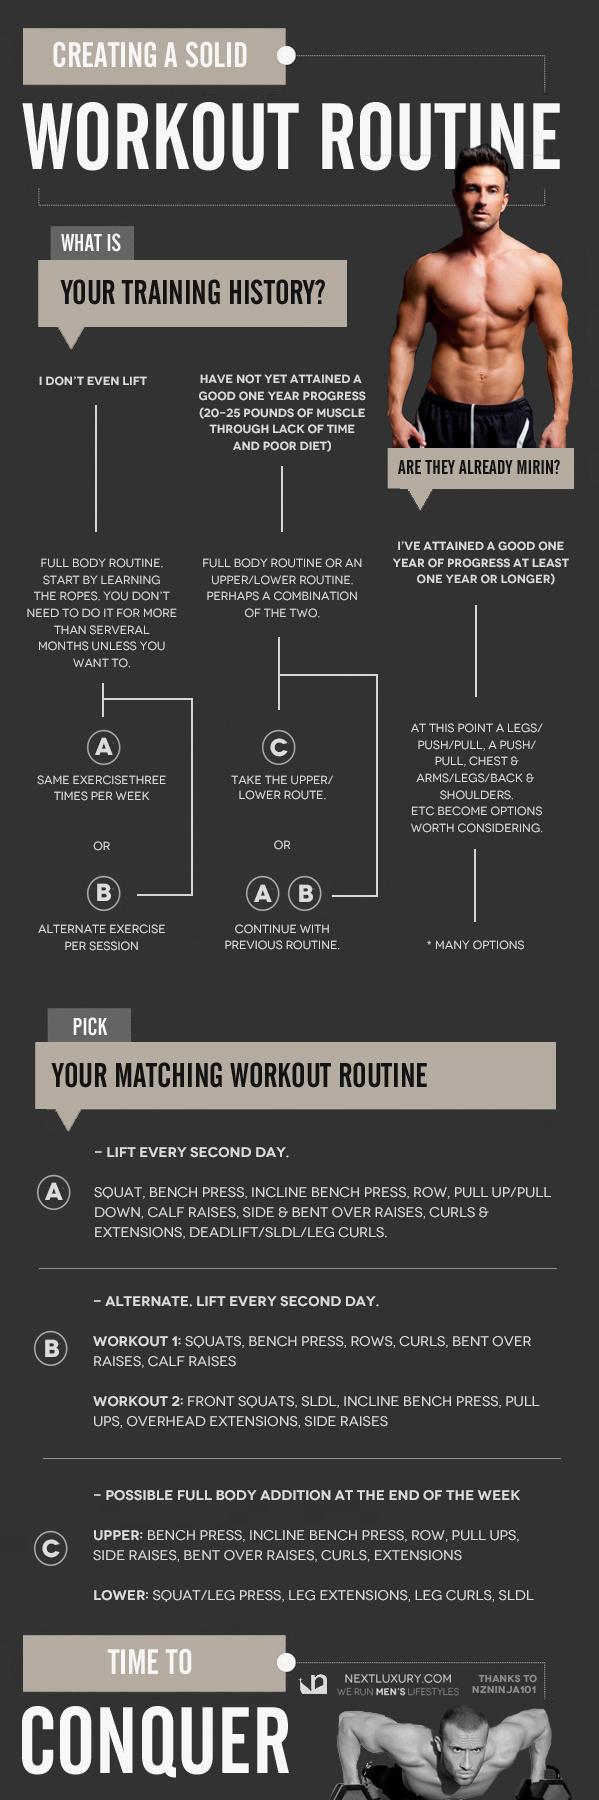 Zeit zu erobern: Absolute Guide To Workout-Routinen für Männer